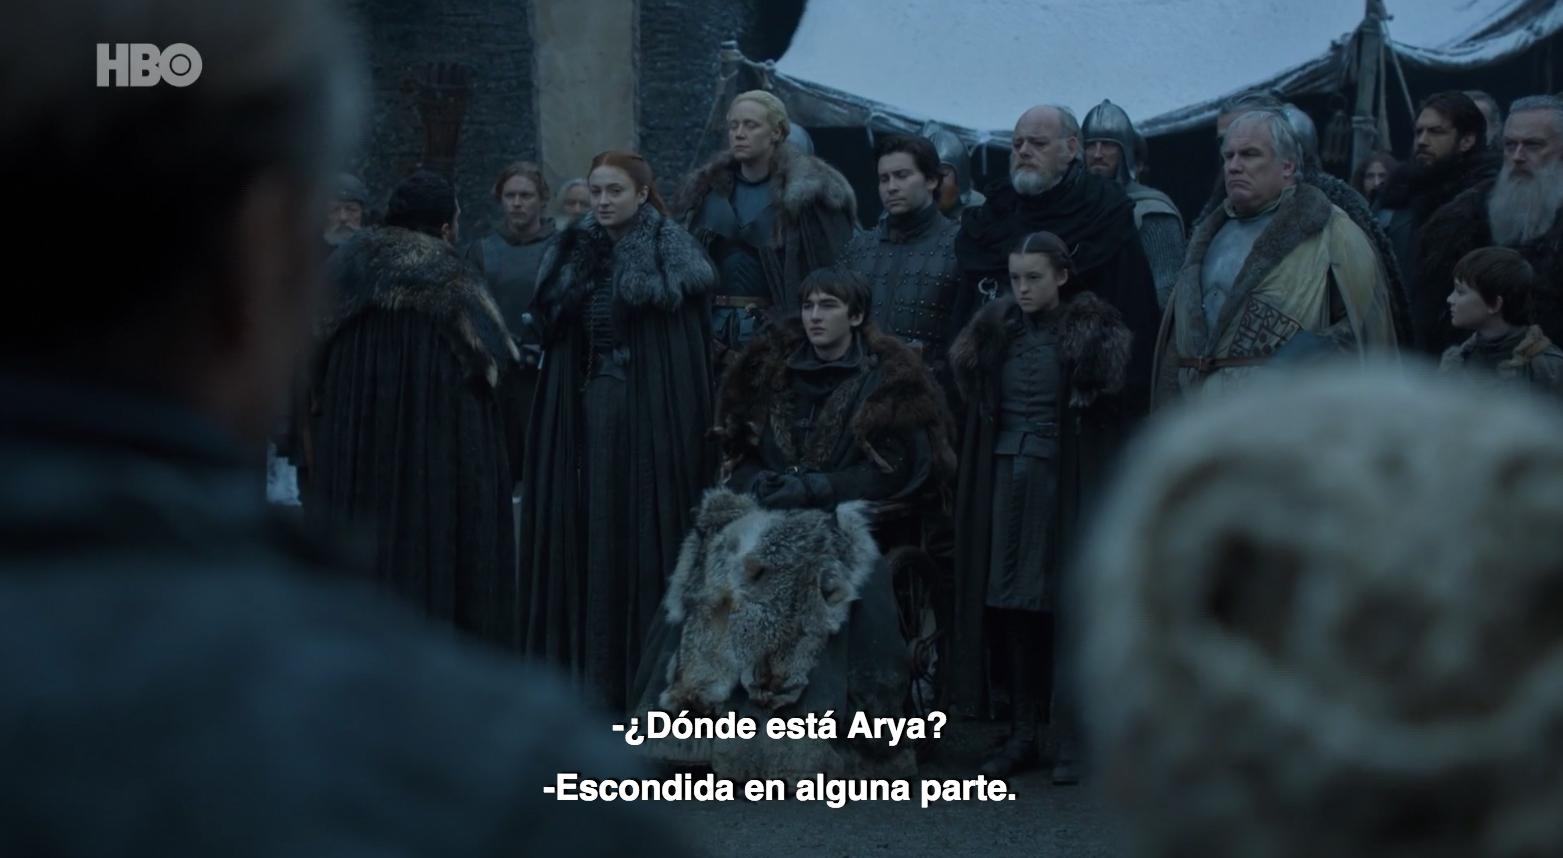 Las similitudes del primer capítulo de la 1ª y 8ª temporada de Game of Thrones